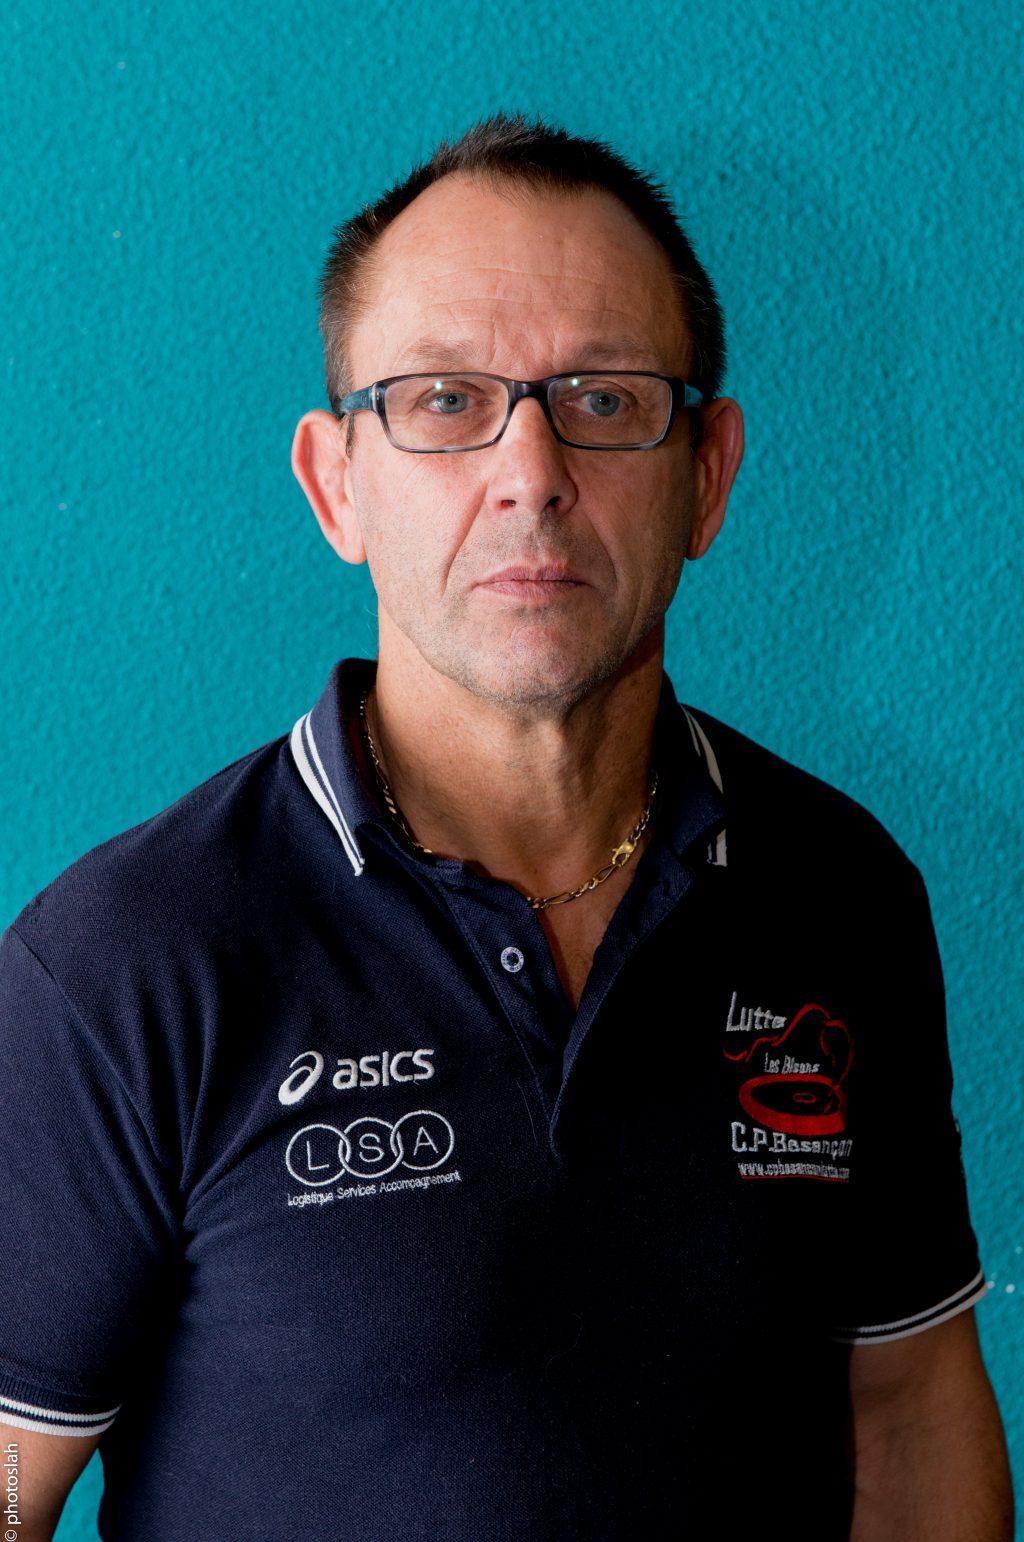 Joël Bozonet